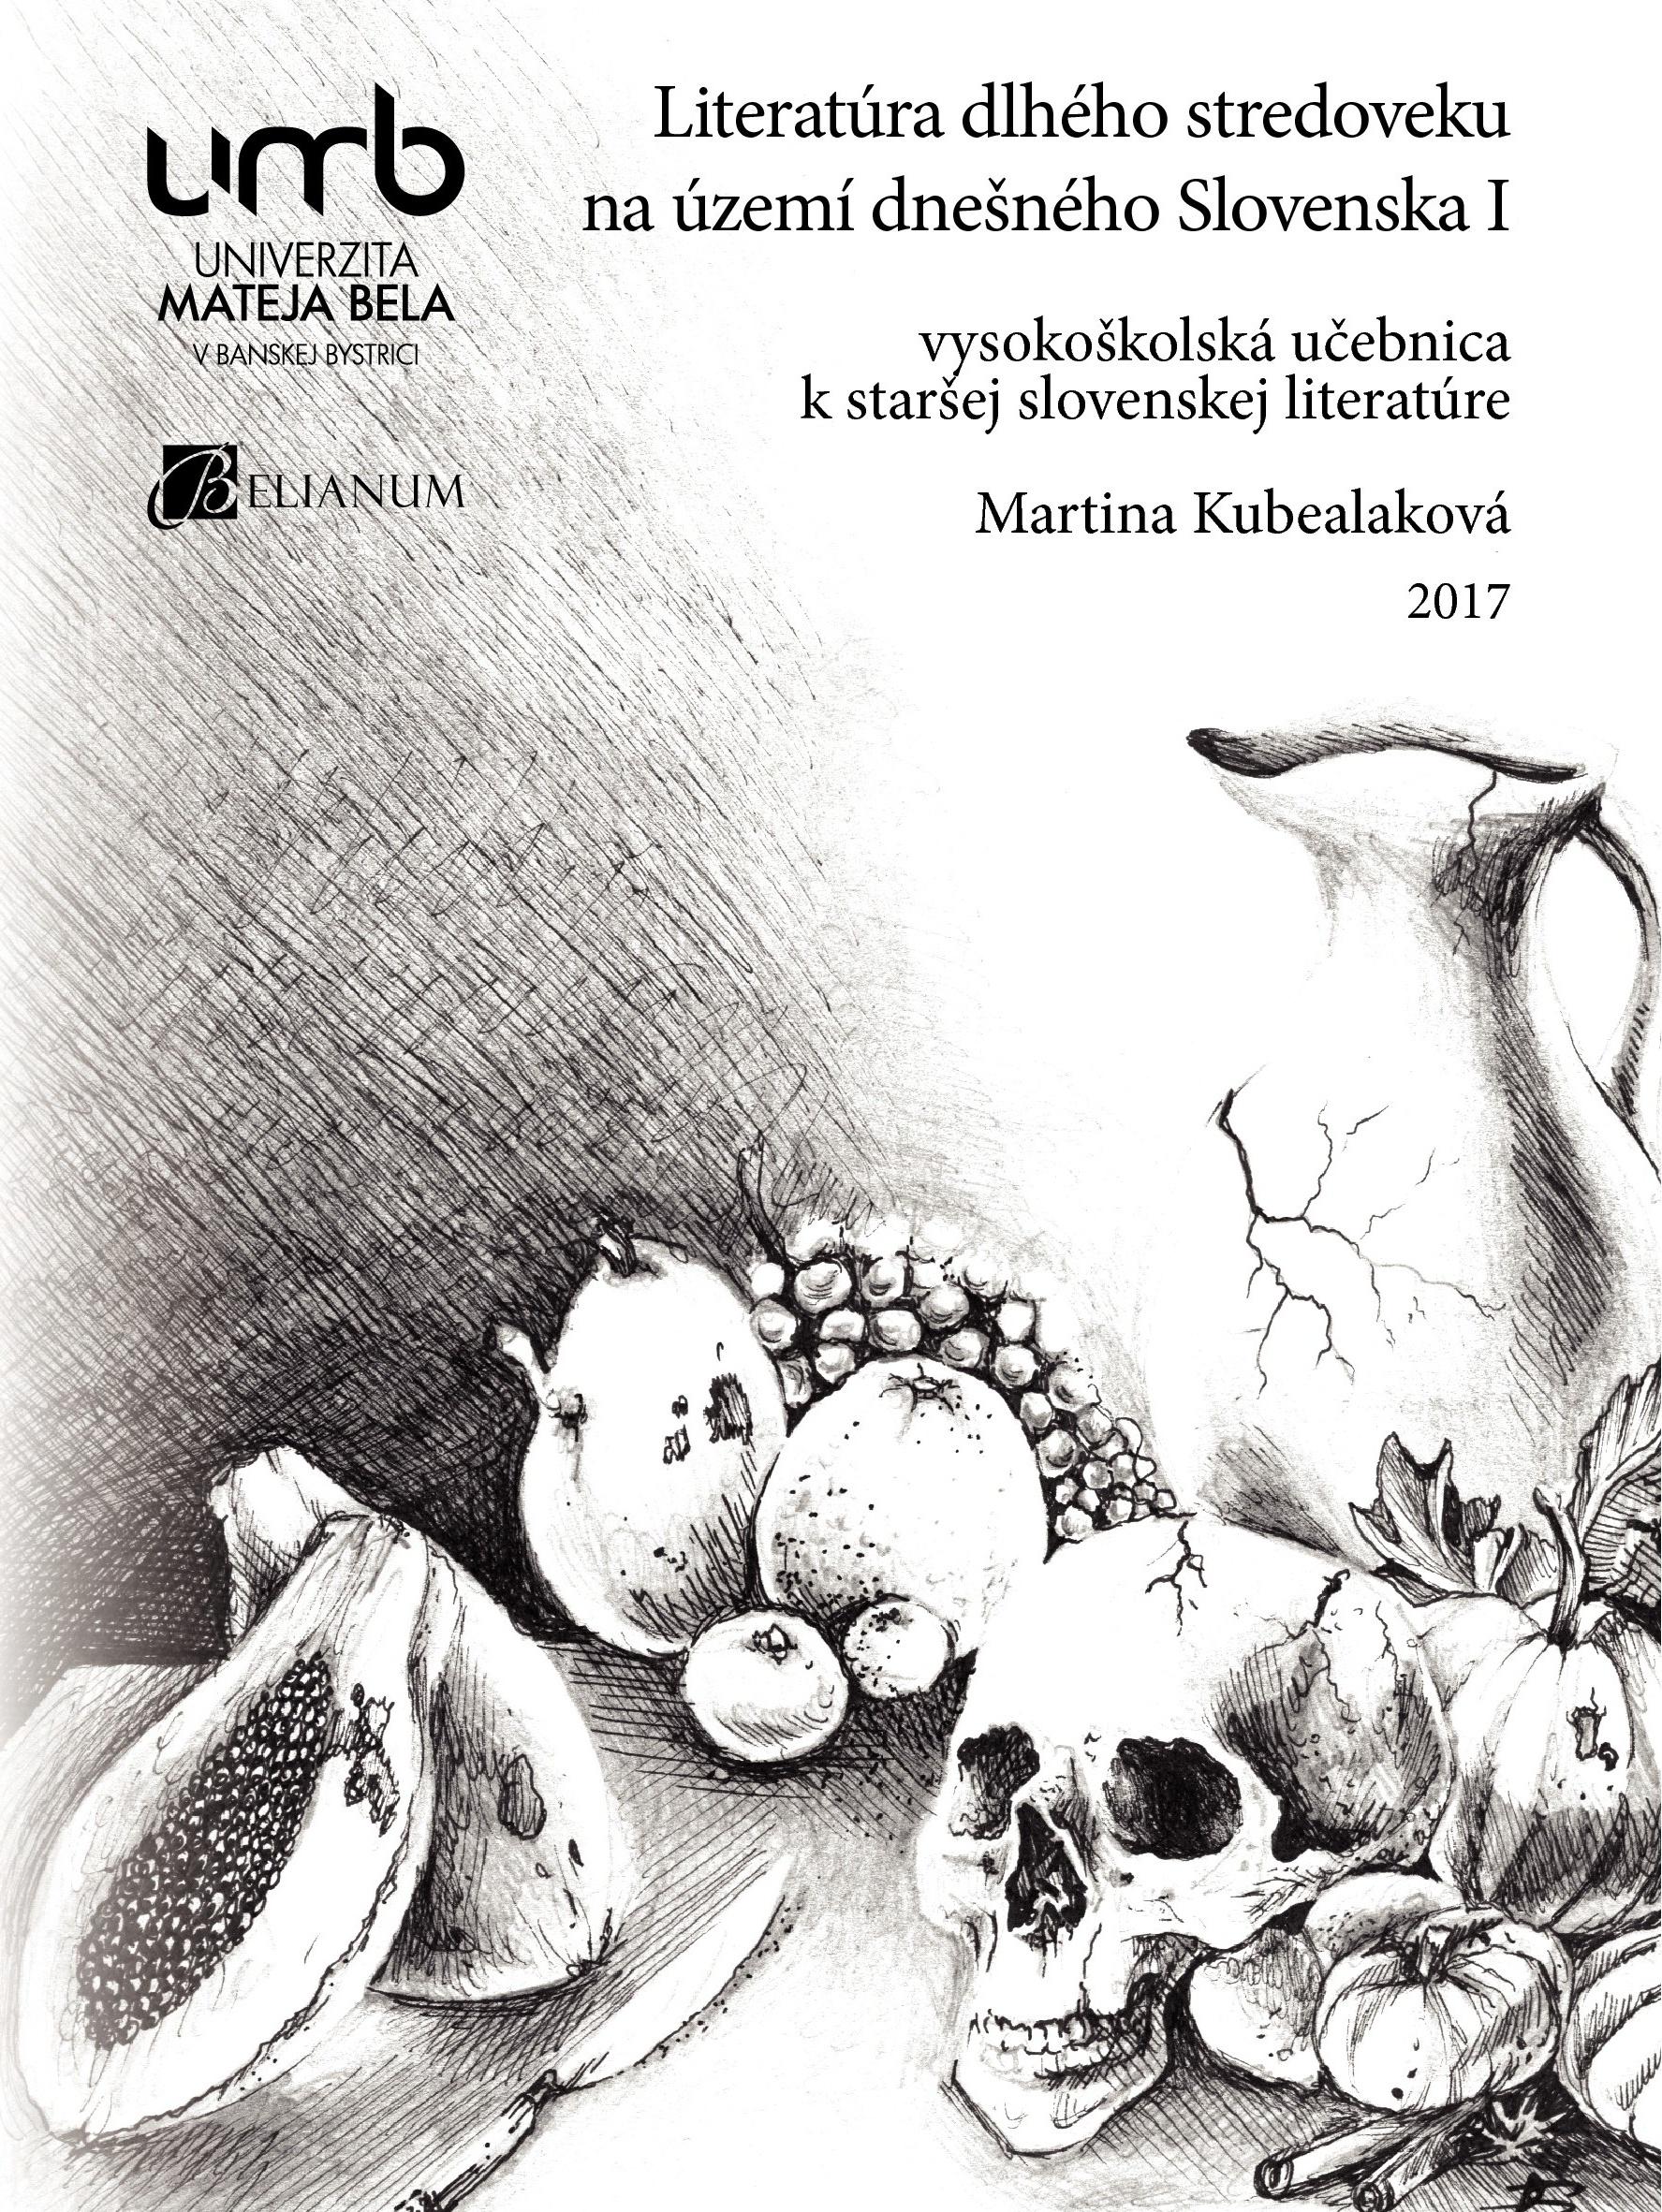 Literatúra dlhého stredoveku na území dnešného Slovenska I.